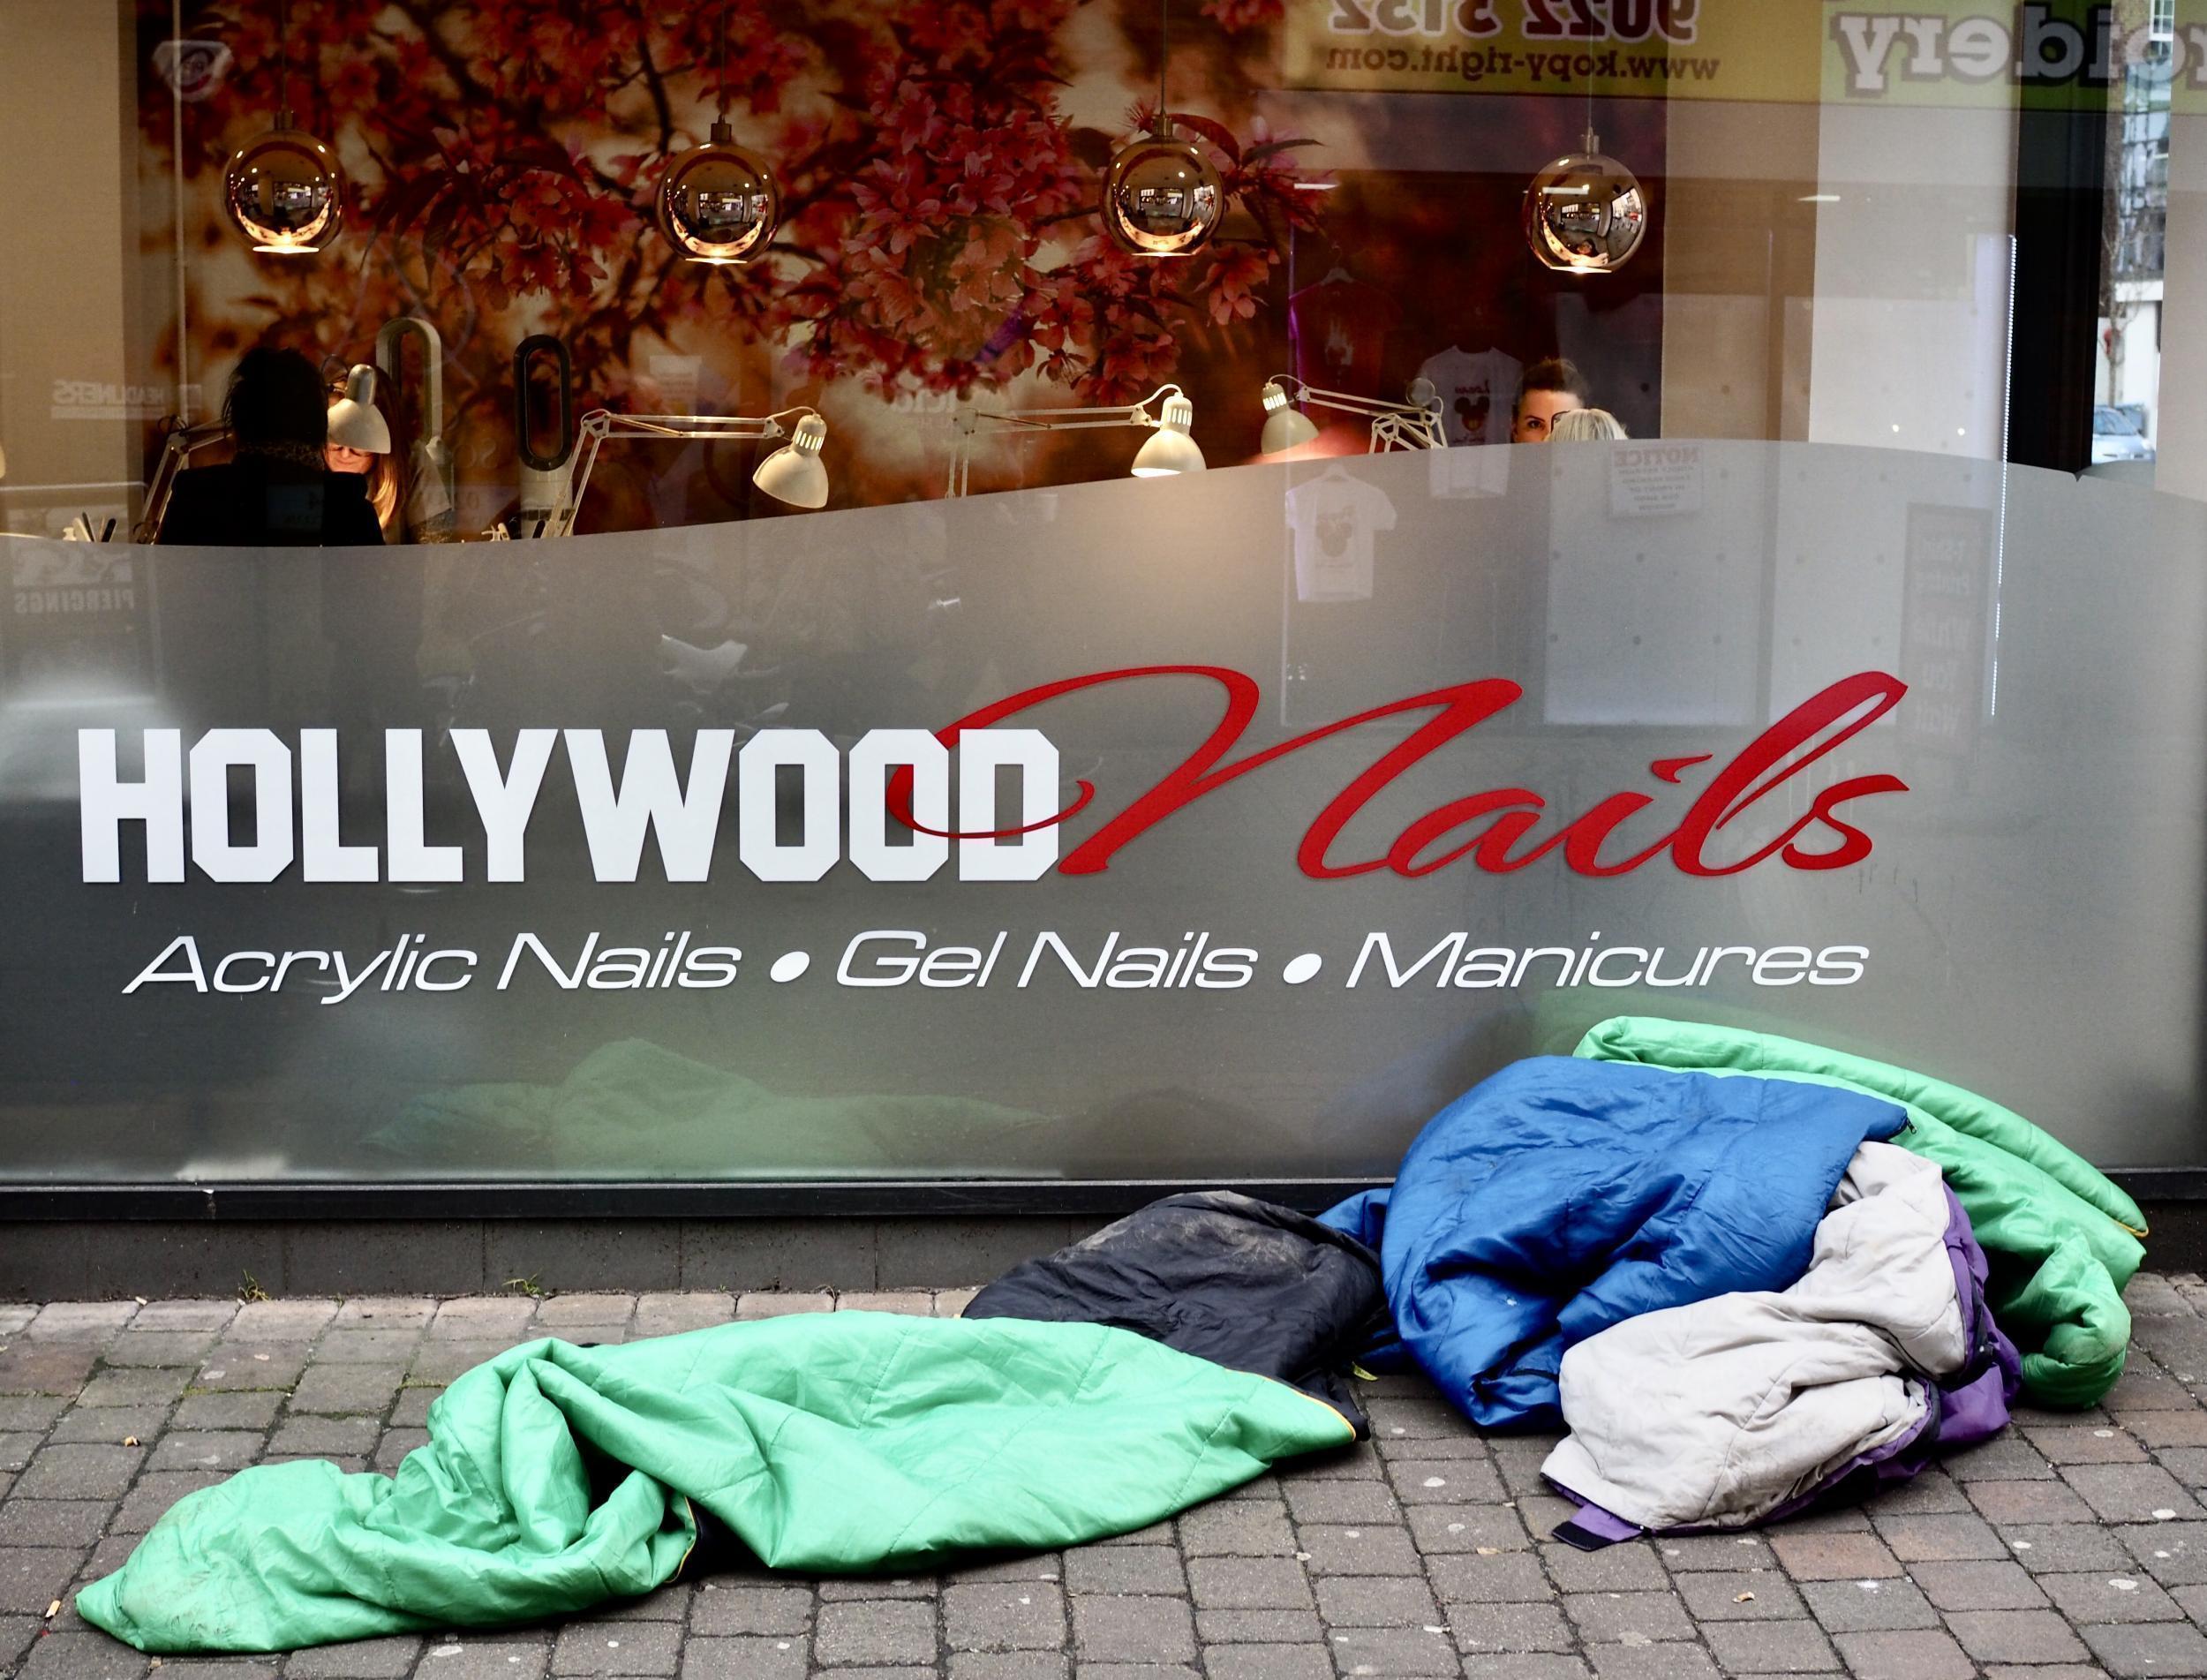 """Belfast: """"Hollywood Manikűr"""" – Két módszer a test ápolására. Az egyiket a hiúság és a szépség társadalmi igénye motiválja, a másikat meg hogy melegen tartson téli éjszakákon. (Richard Morgan / The Independent)"""